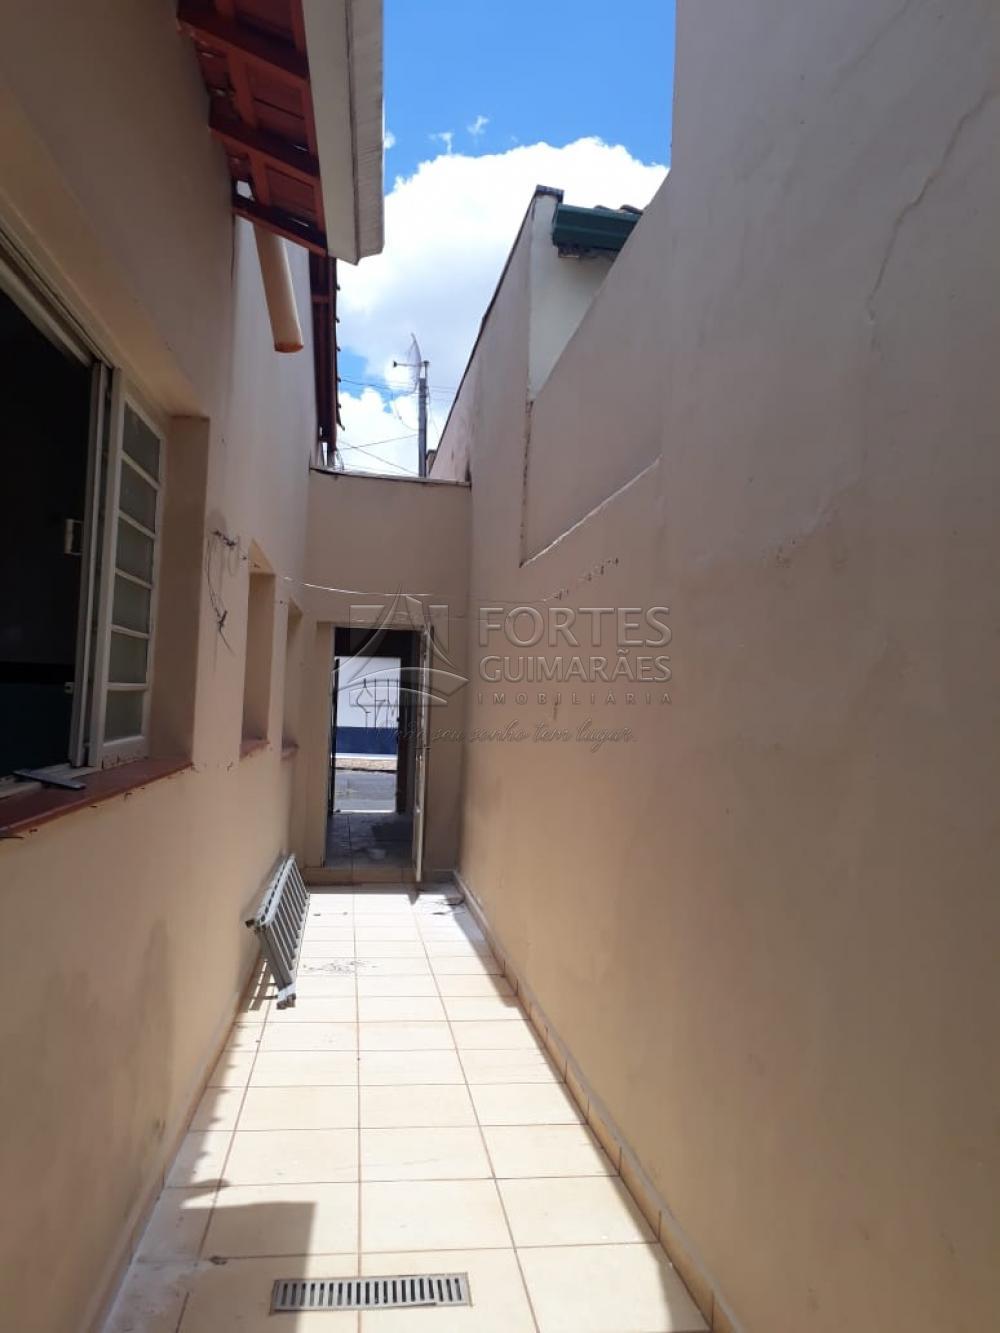 Alugar Casas / Padrão em Ribeirão Preto apenas R$ 850,00 - Foto 4